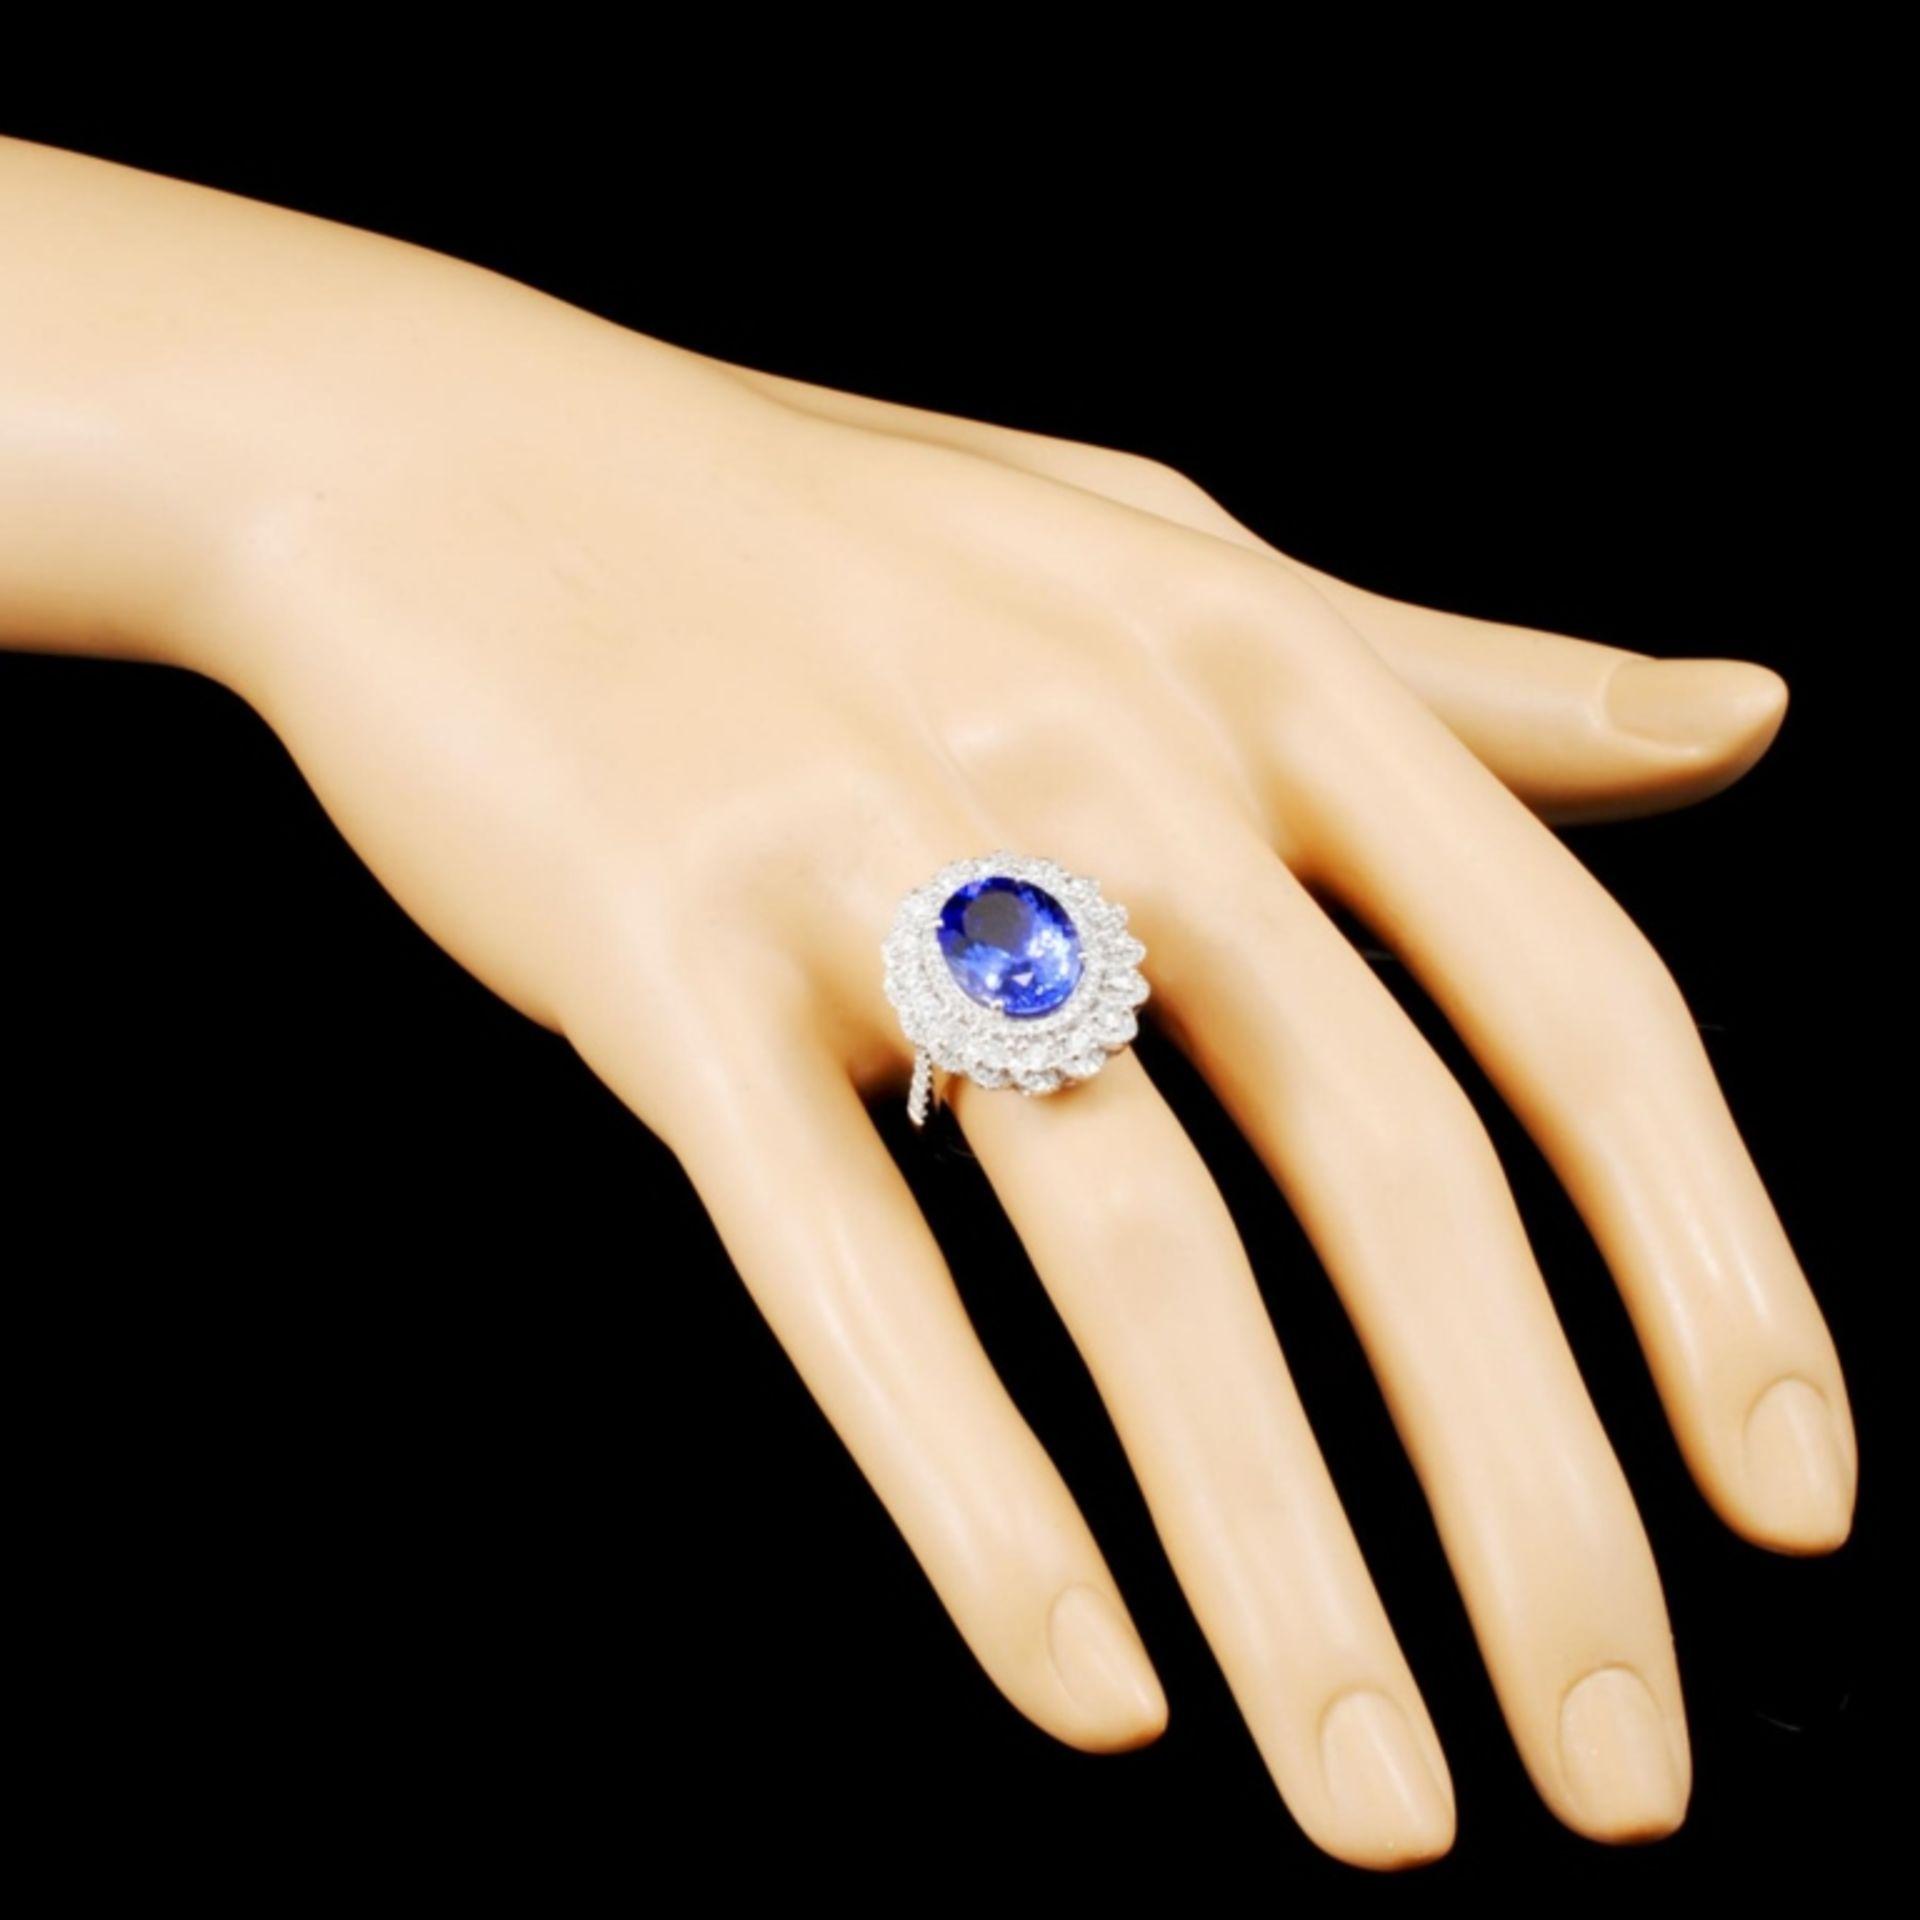 18K Gold 4.92ct Tanzanite & 1.07ctw Diamond Ring - Image 3 of 5